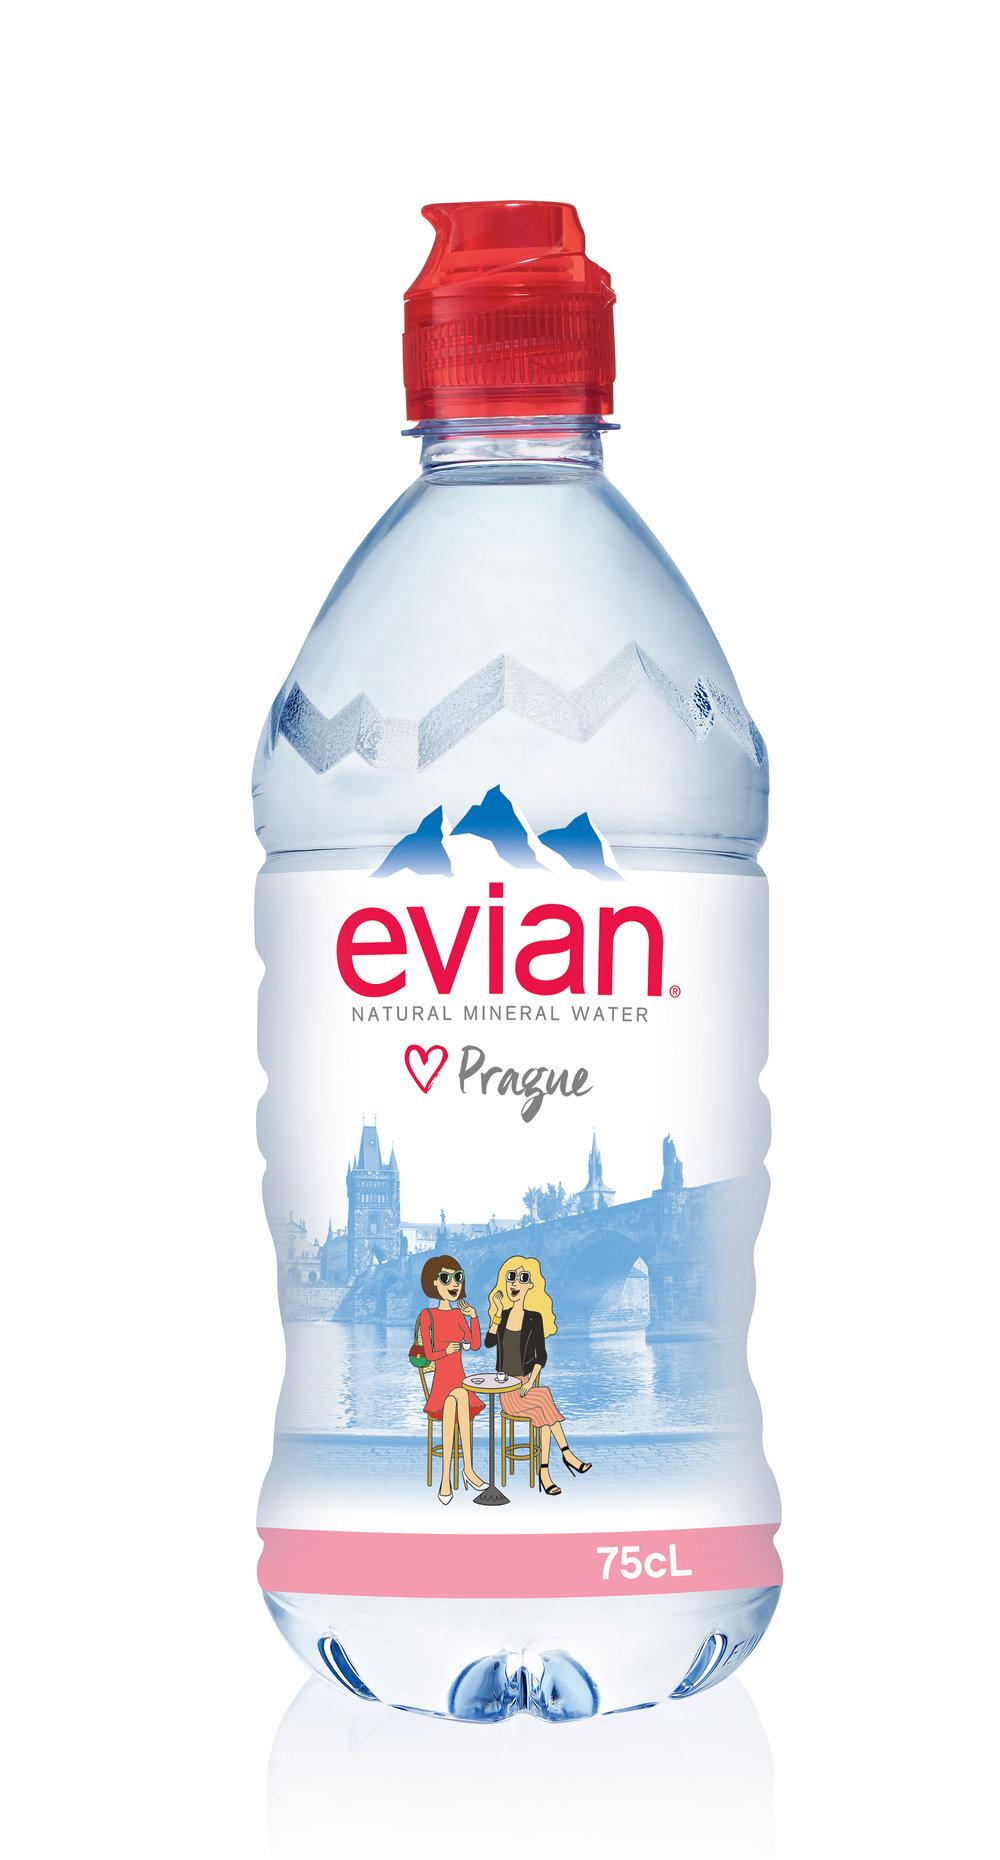 Evian_Cities_Bouteille_MAC_Europe75CL-HD_Prague_02.jpg